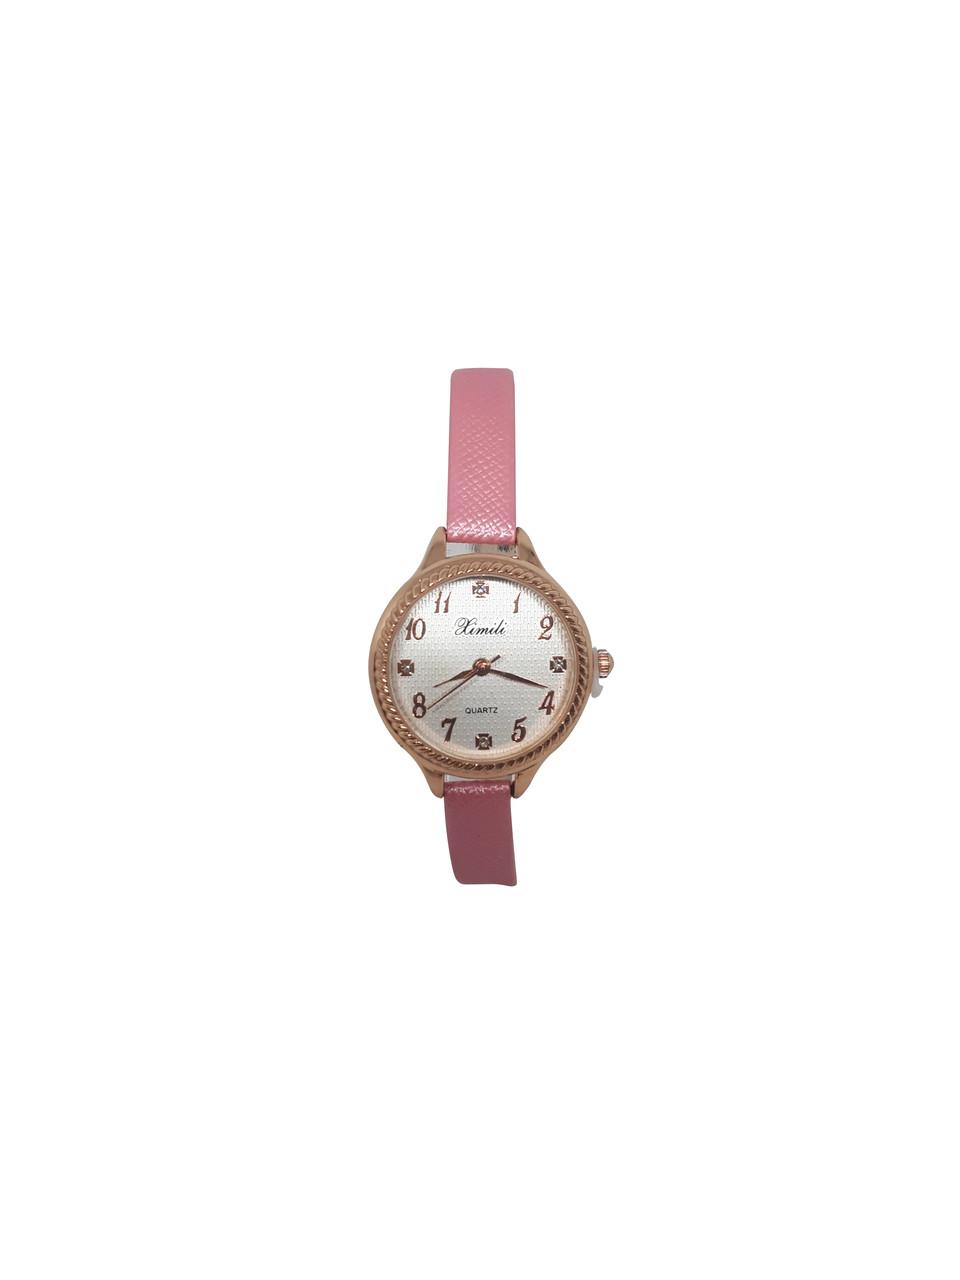 Часы женские кварцевые Ximili Tiny  розовые